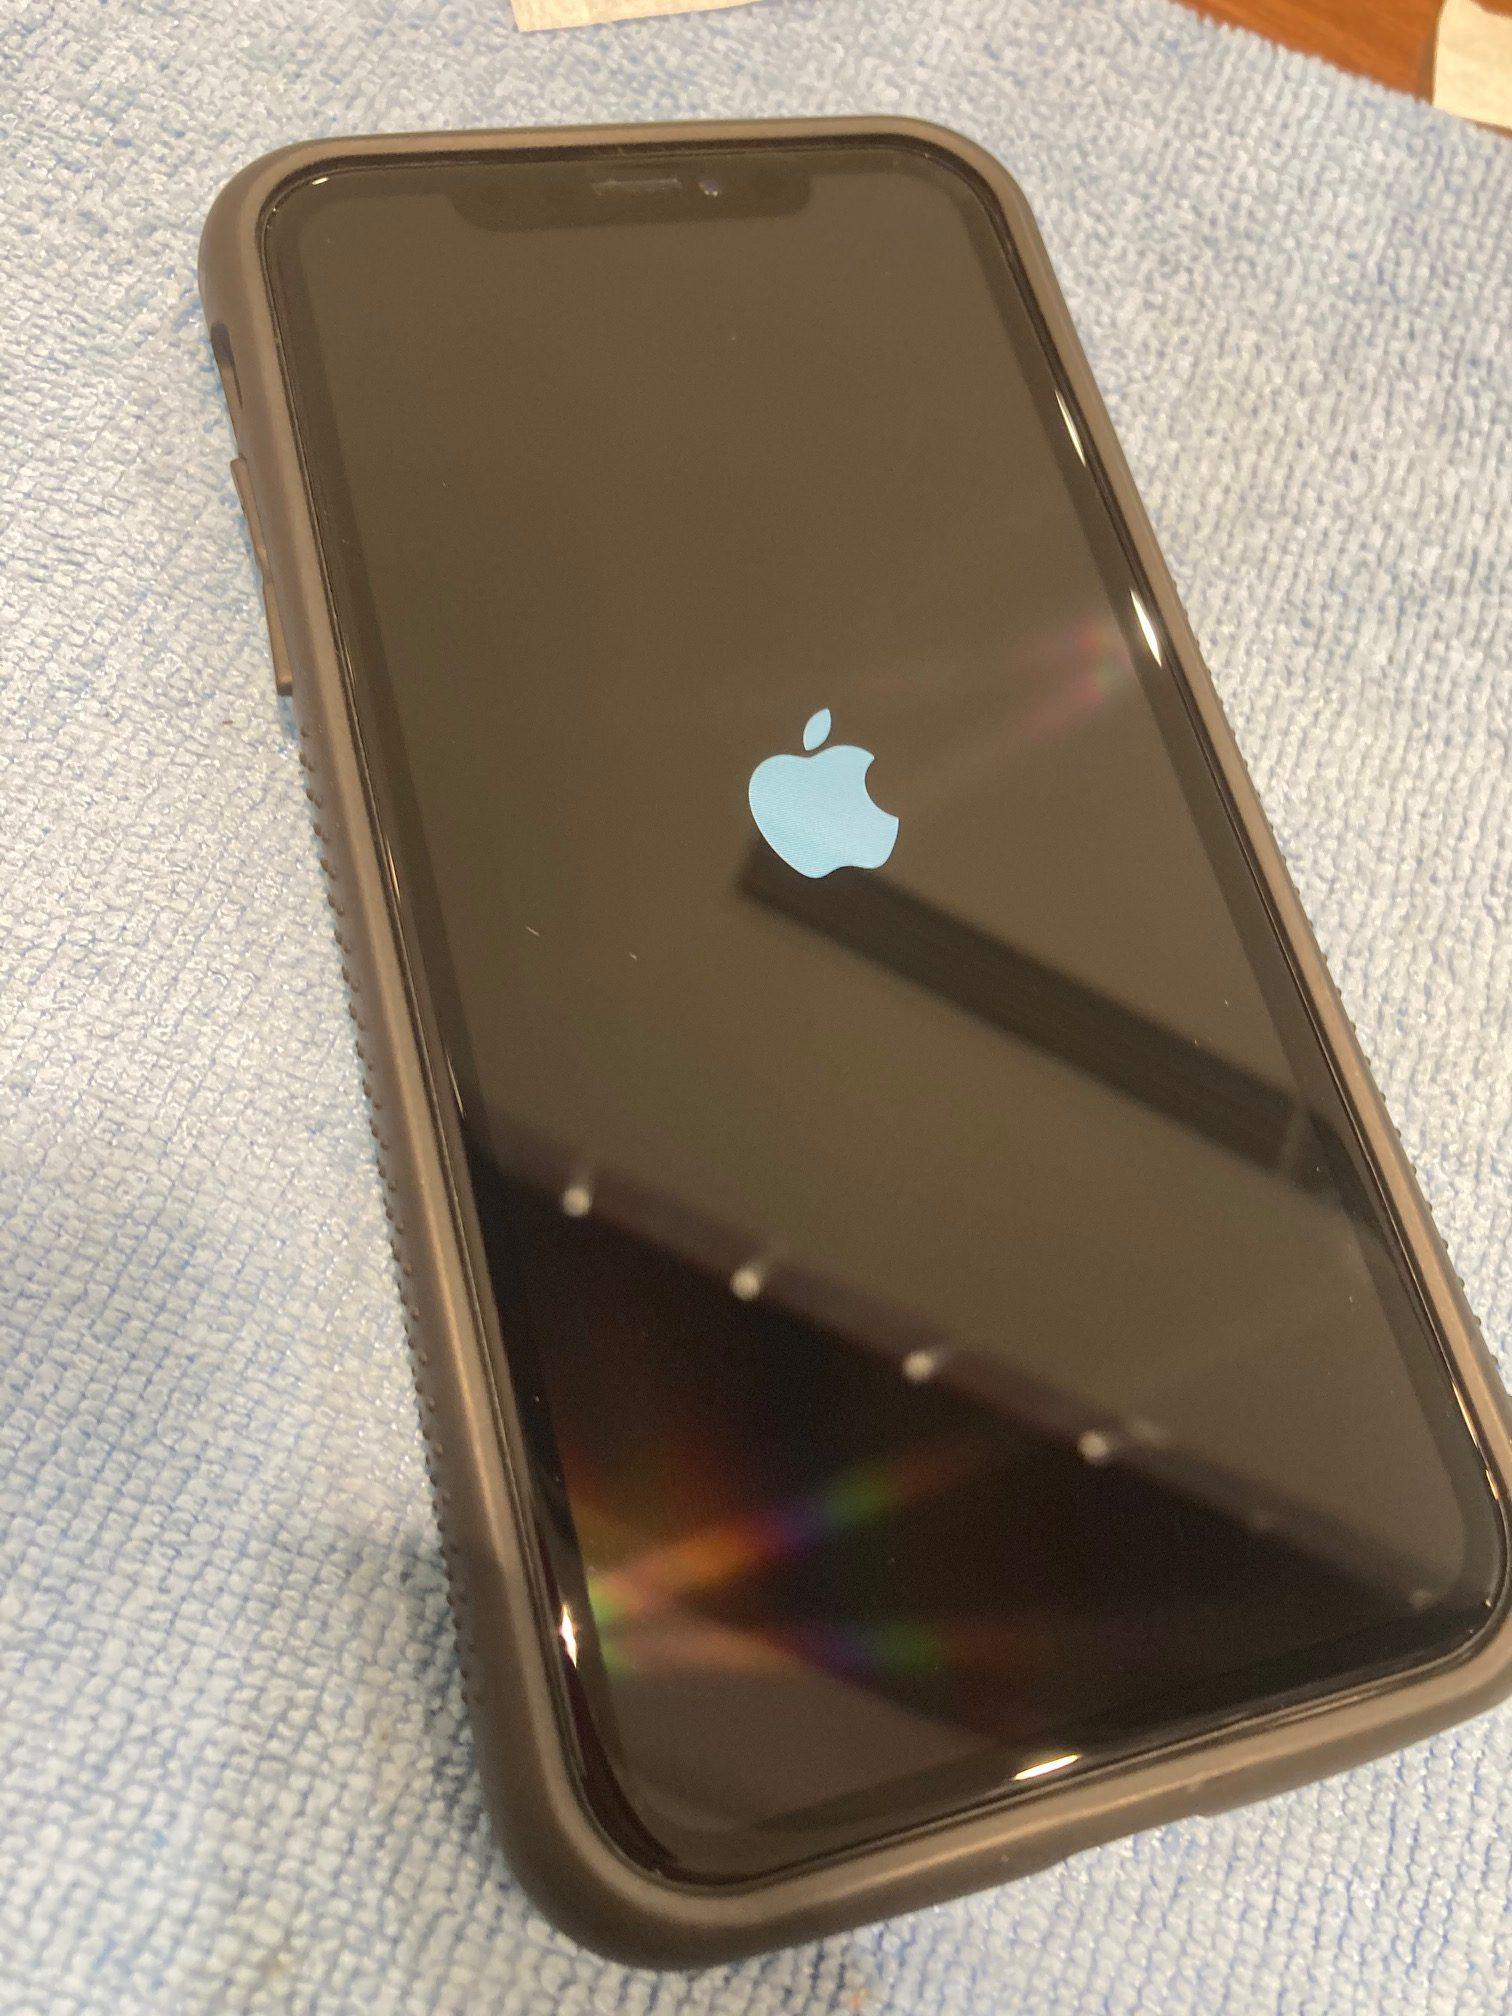 iPhone11proにガラスコーティングの施工を行いました!!塗る画面保護は施工時間最短10分!!